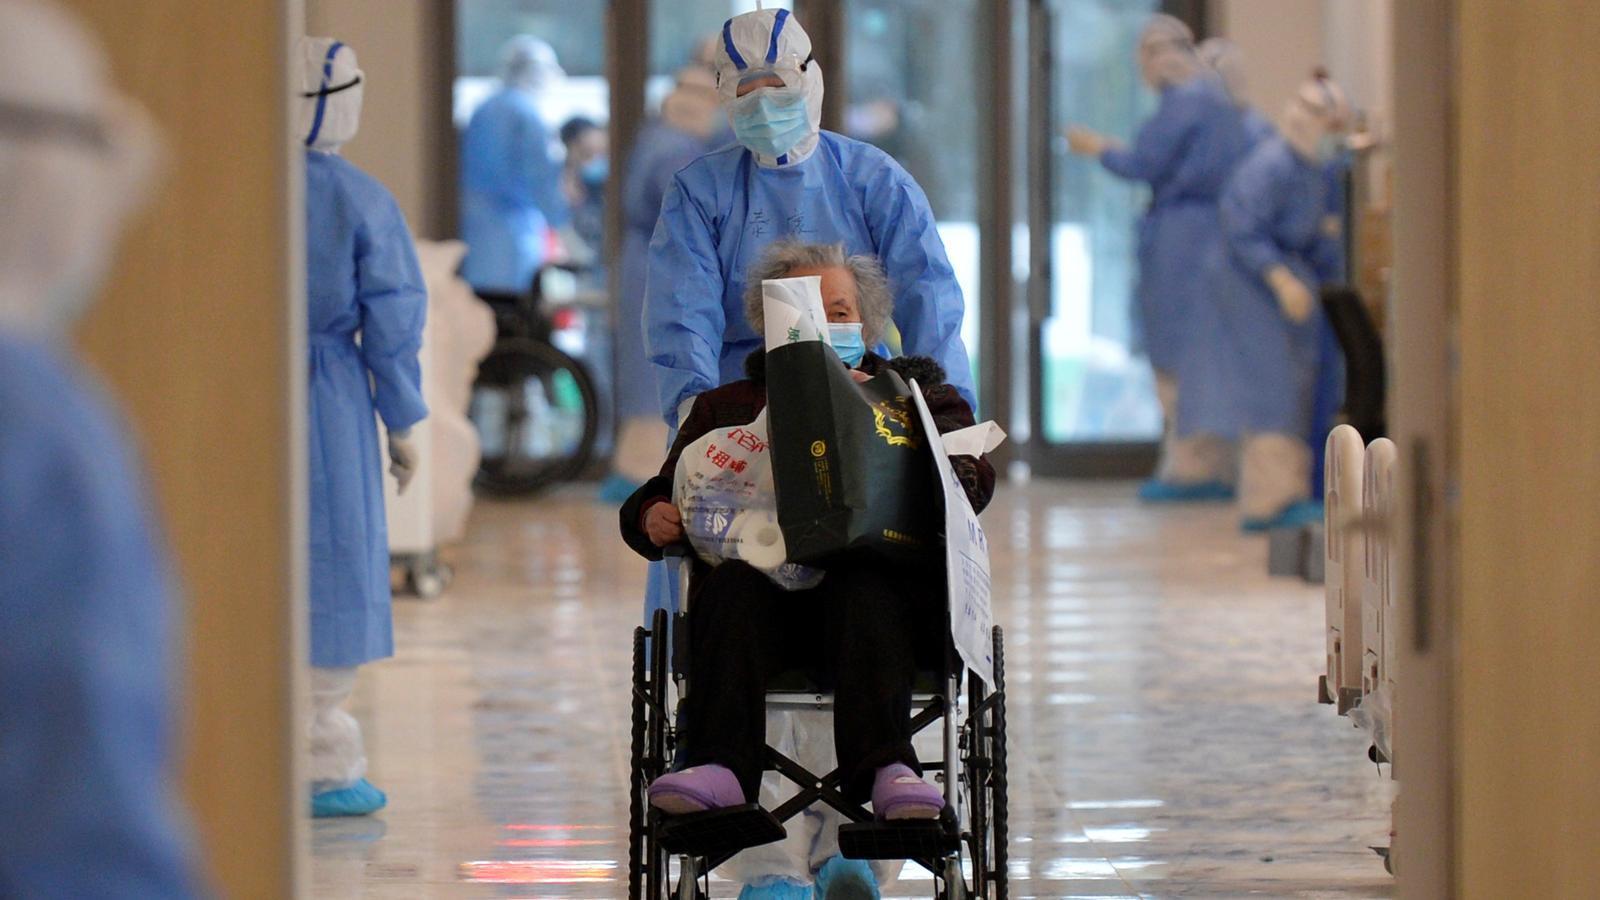 Mor un altre metge de Wuhan, mentre la policia busca malalts porta a porta